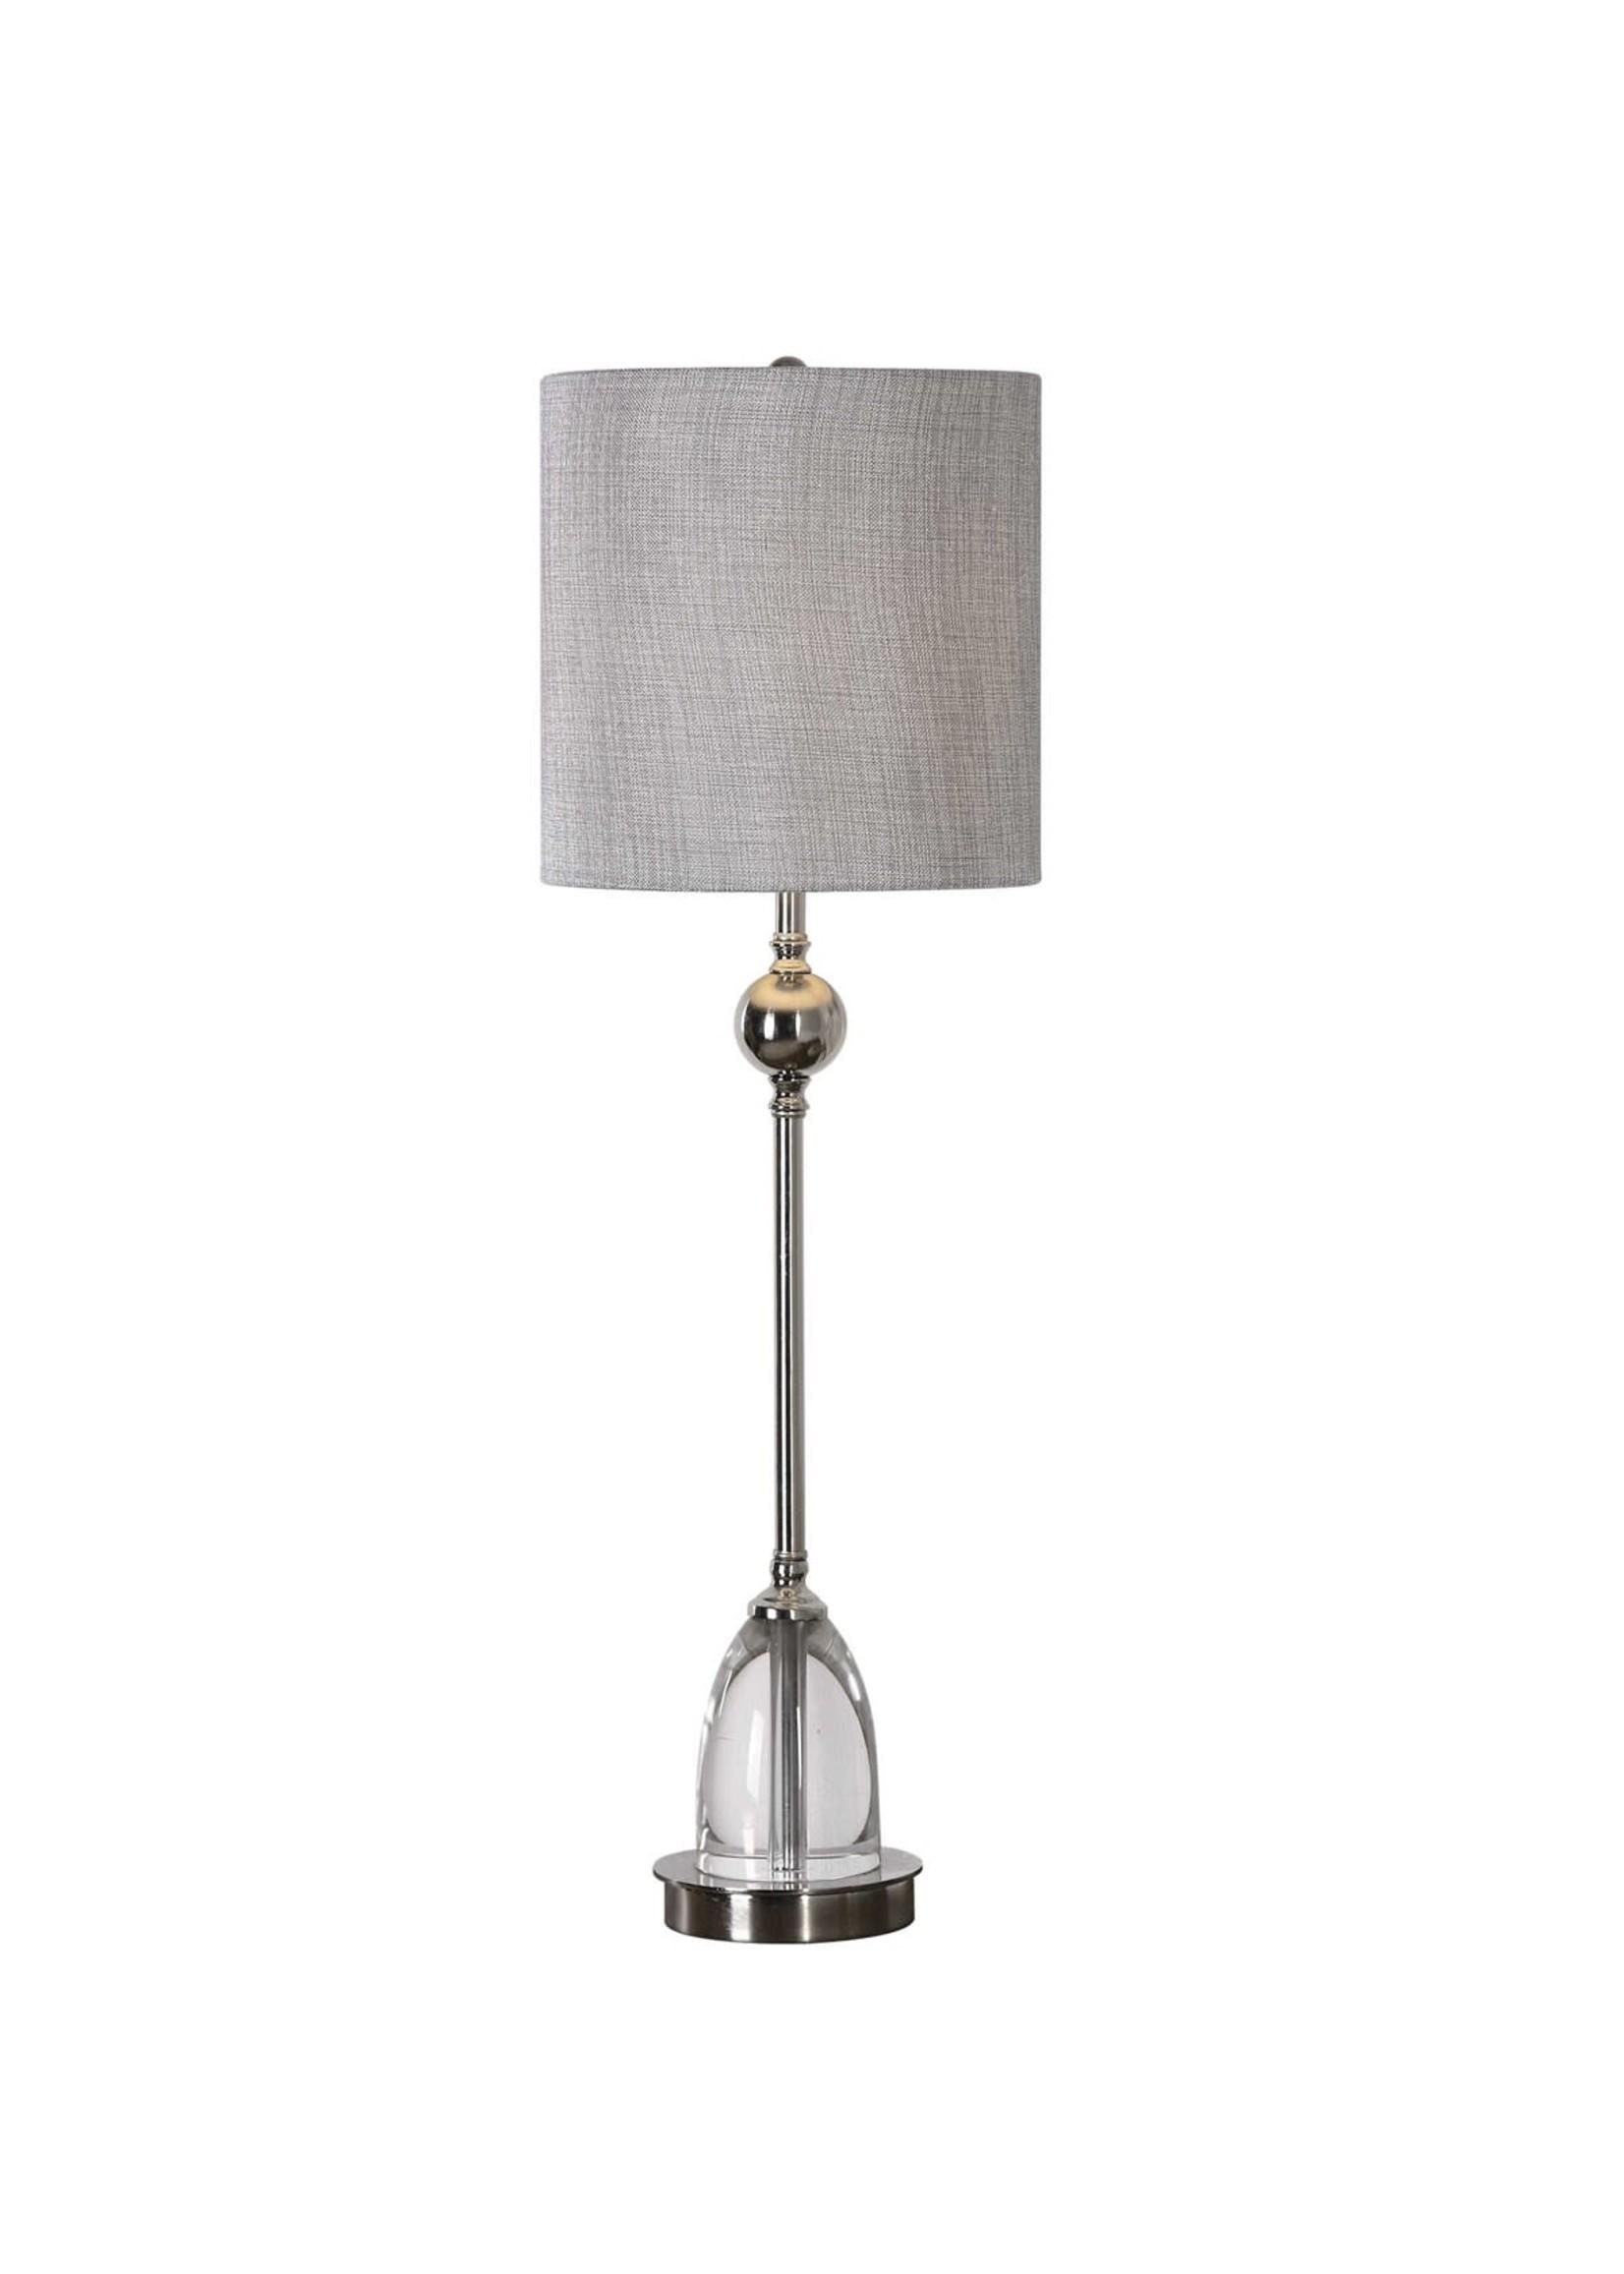 Gallo Lamp